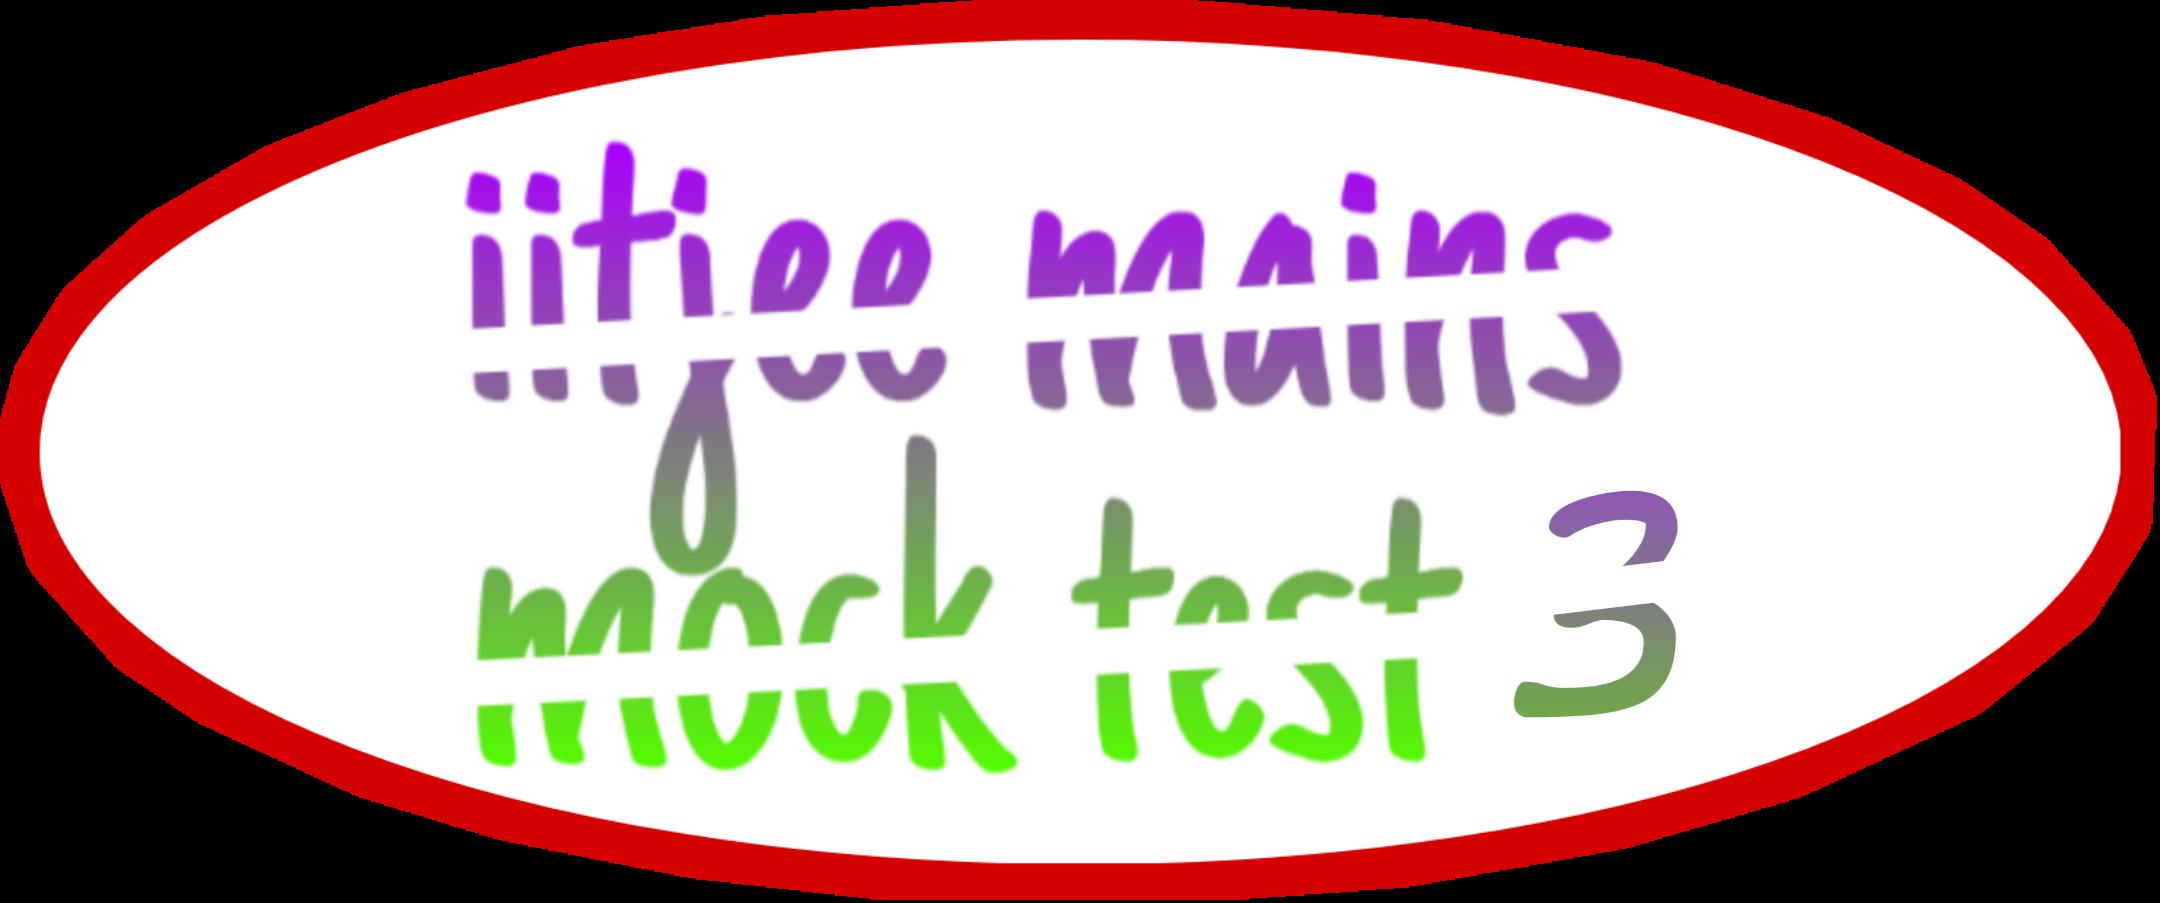 IITJEE mains mock test 3